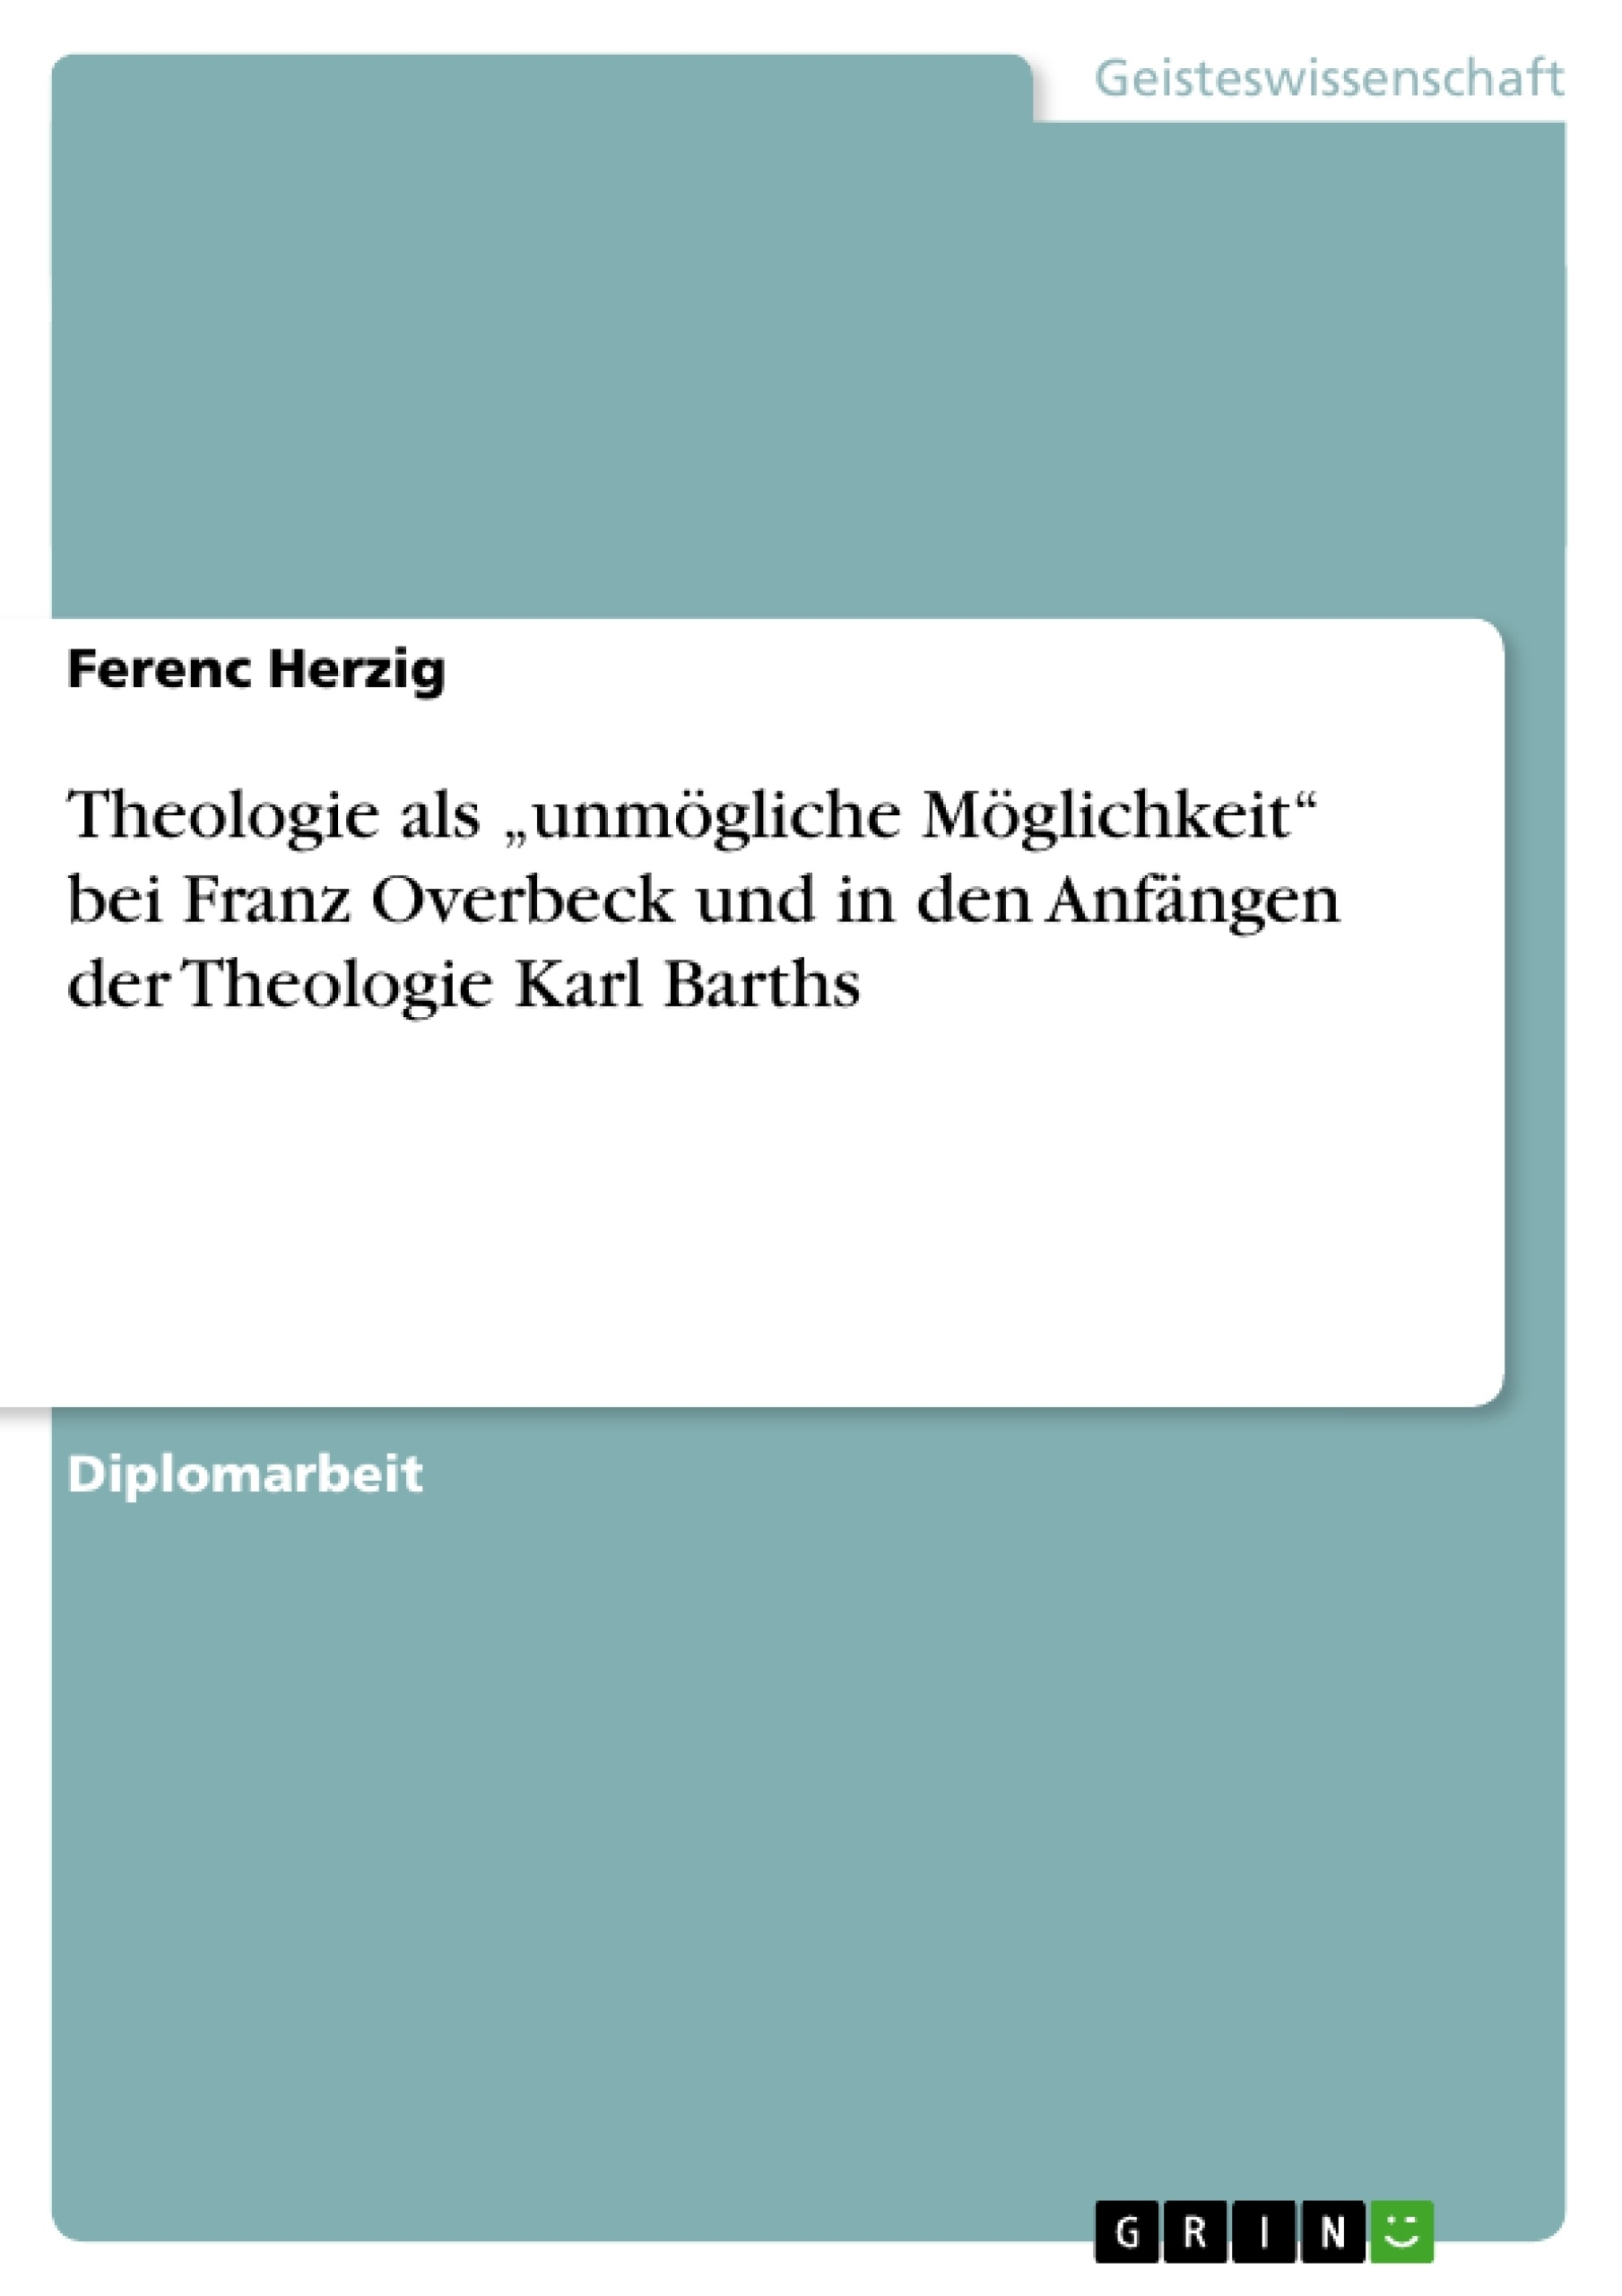 """Titel: Theologie als """"unmögliche Möglichkeit"""" bei Franz Overbeck und in den Anfängen der Theologie Karl Barths"""